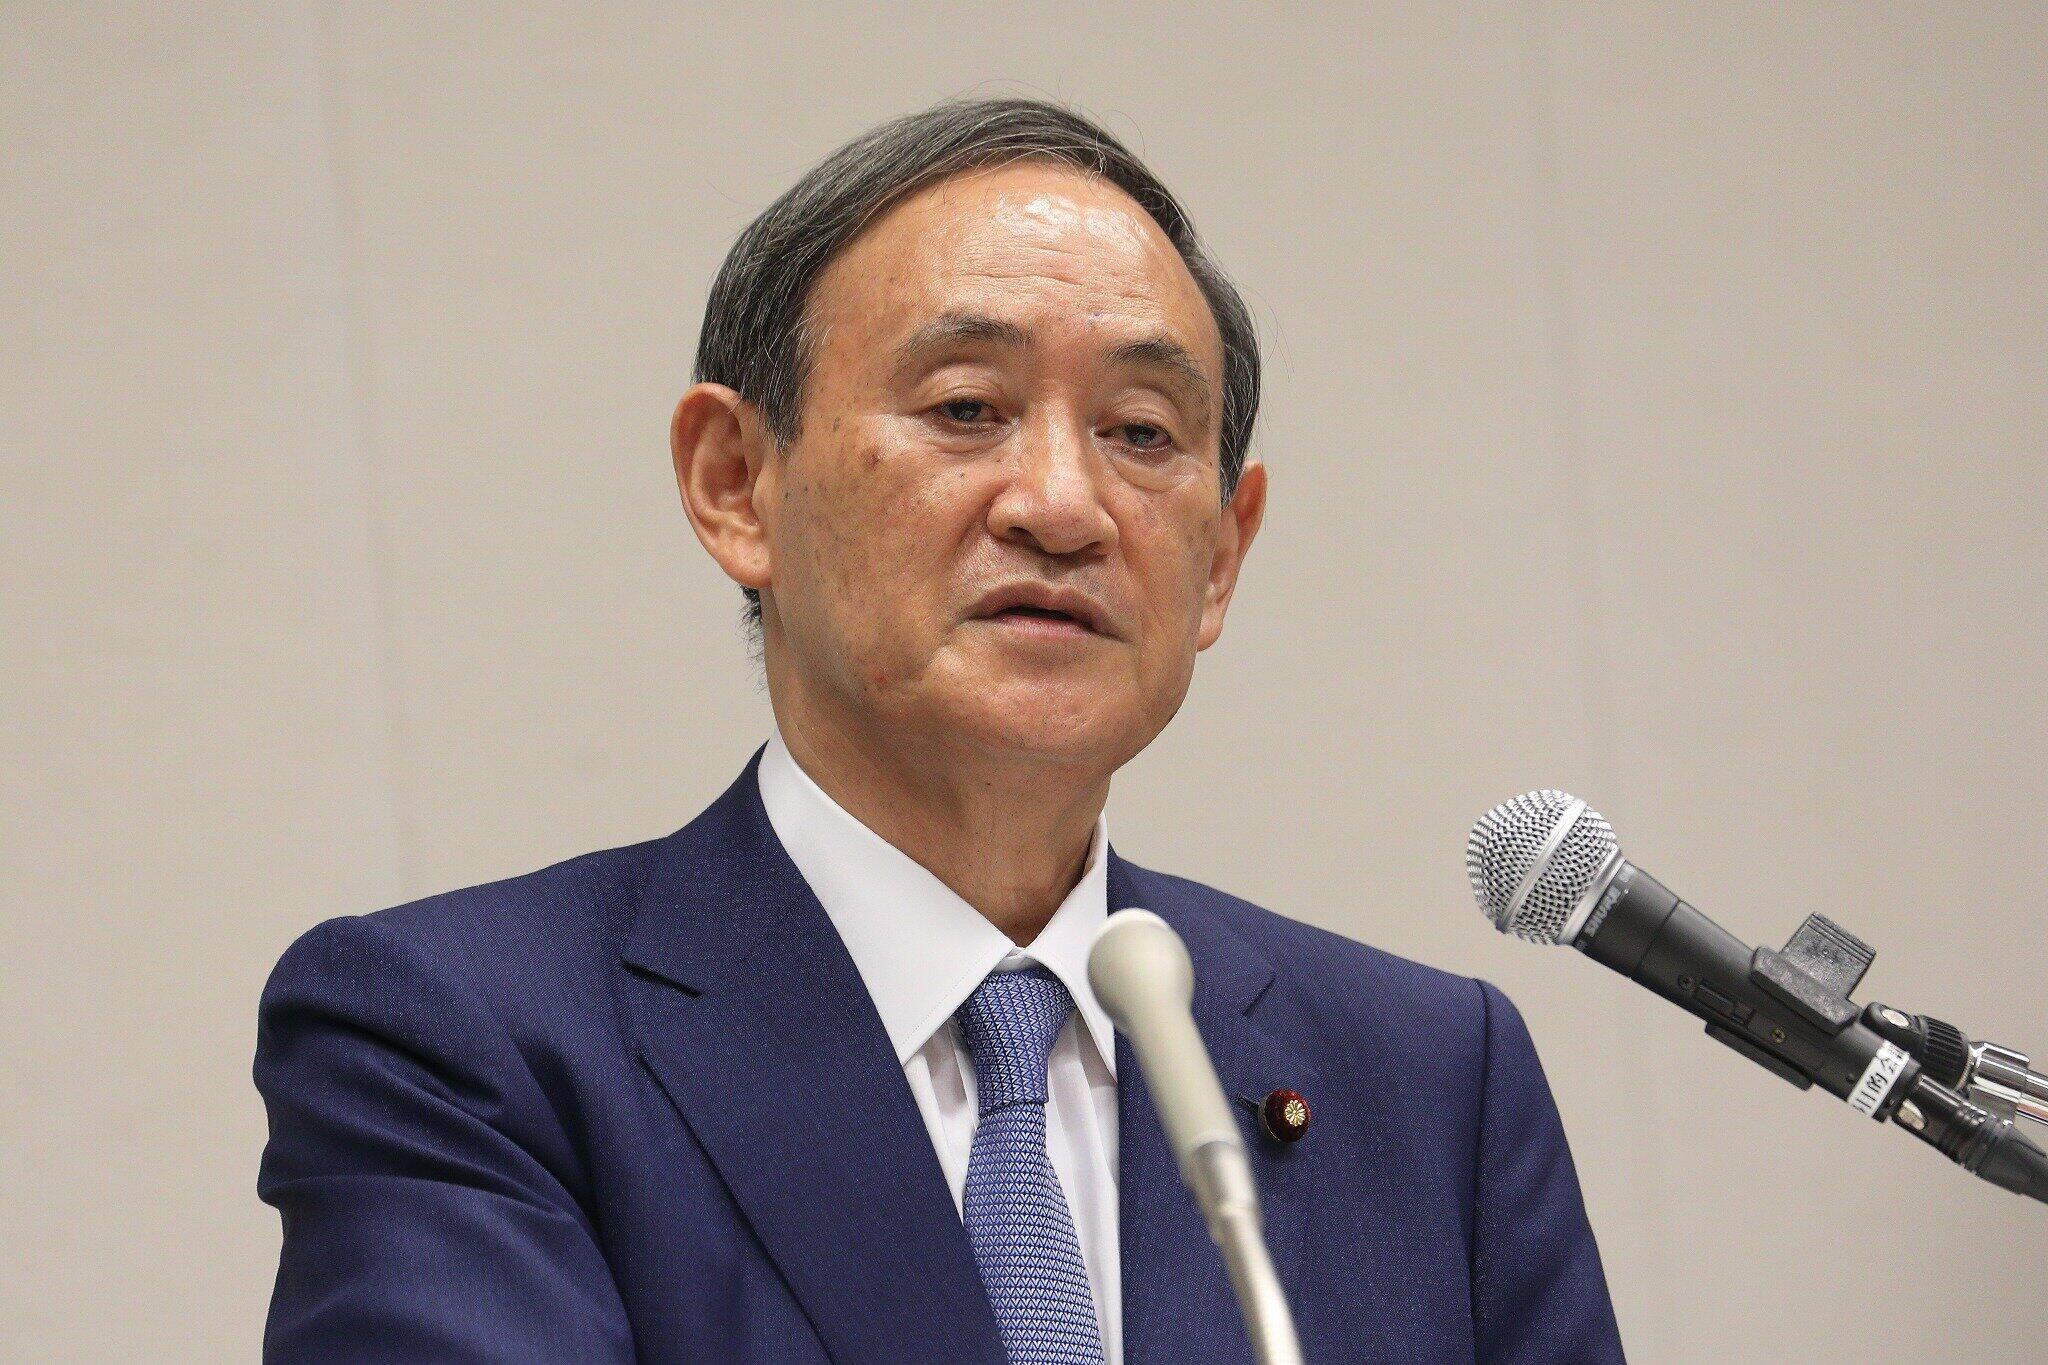 なぜか携帯電話料金値下げに執念を燃やす菅義偉「次期首相」